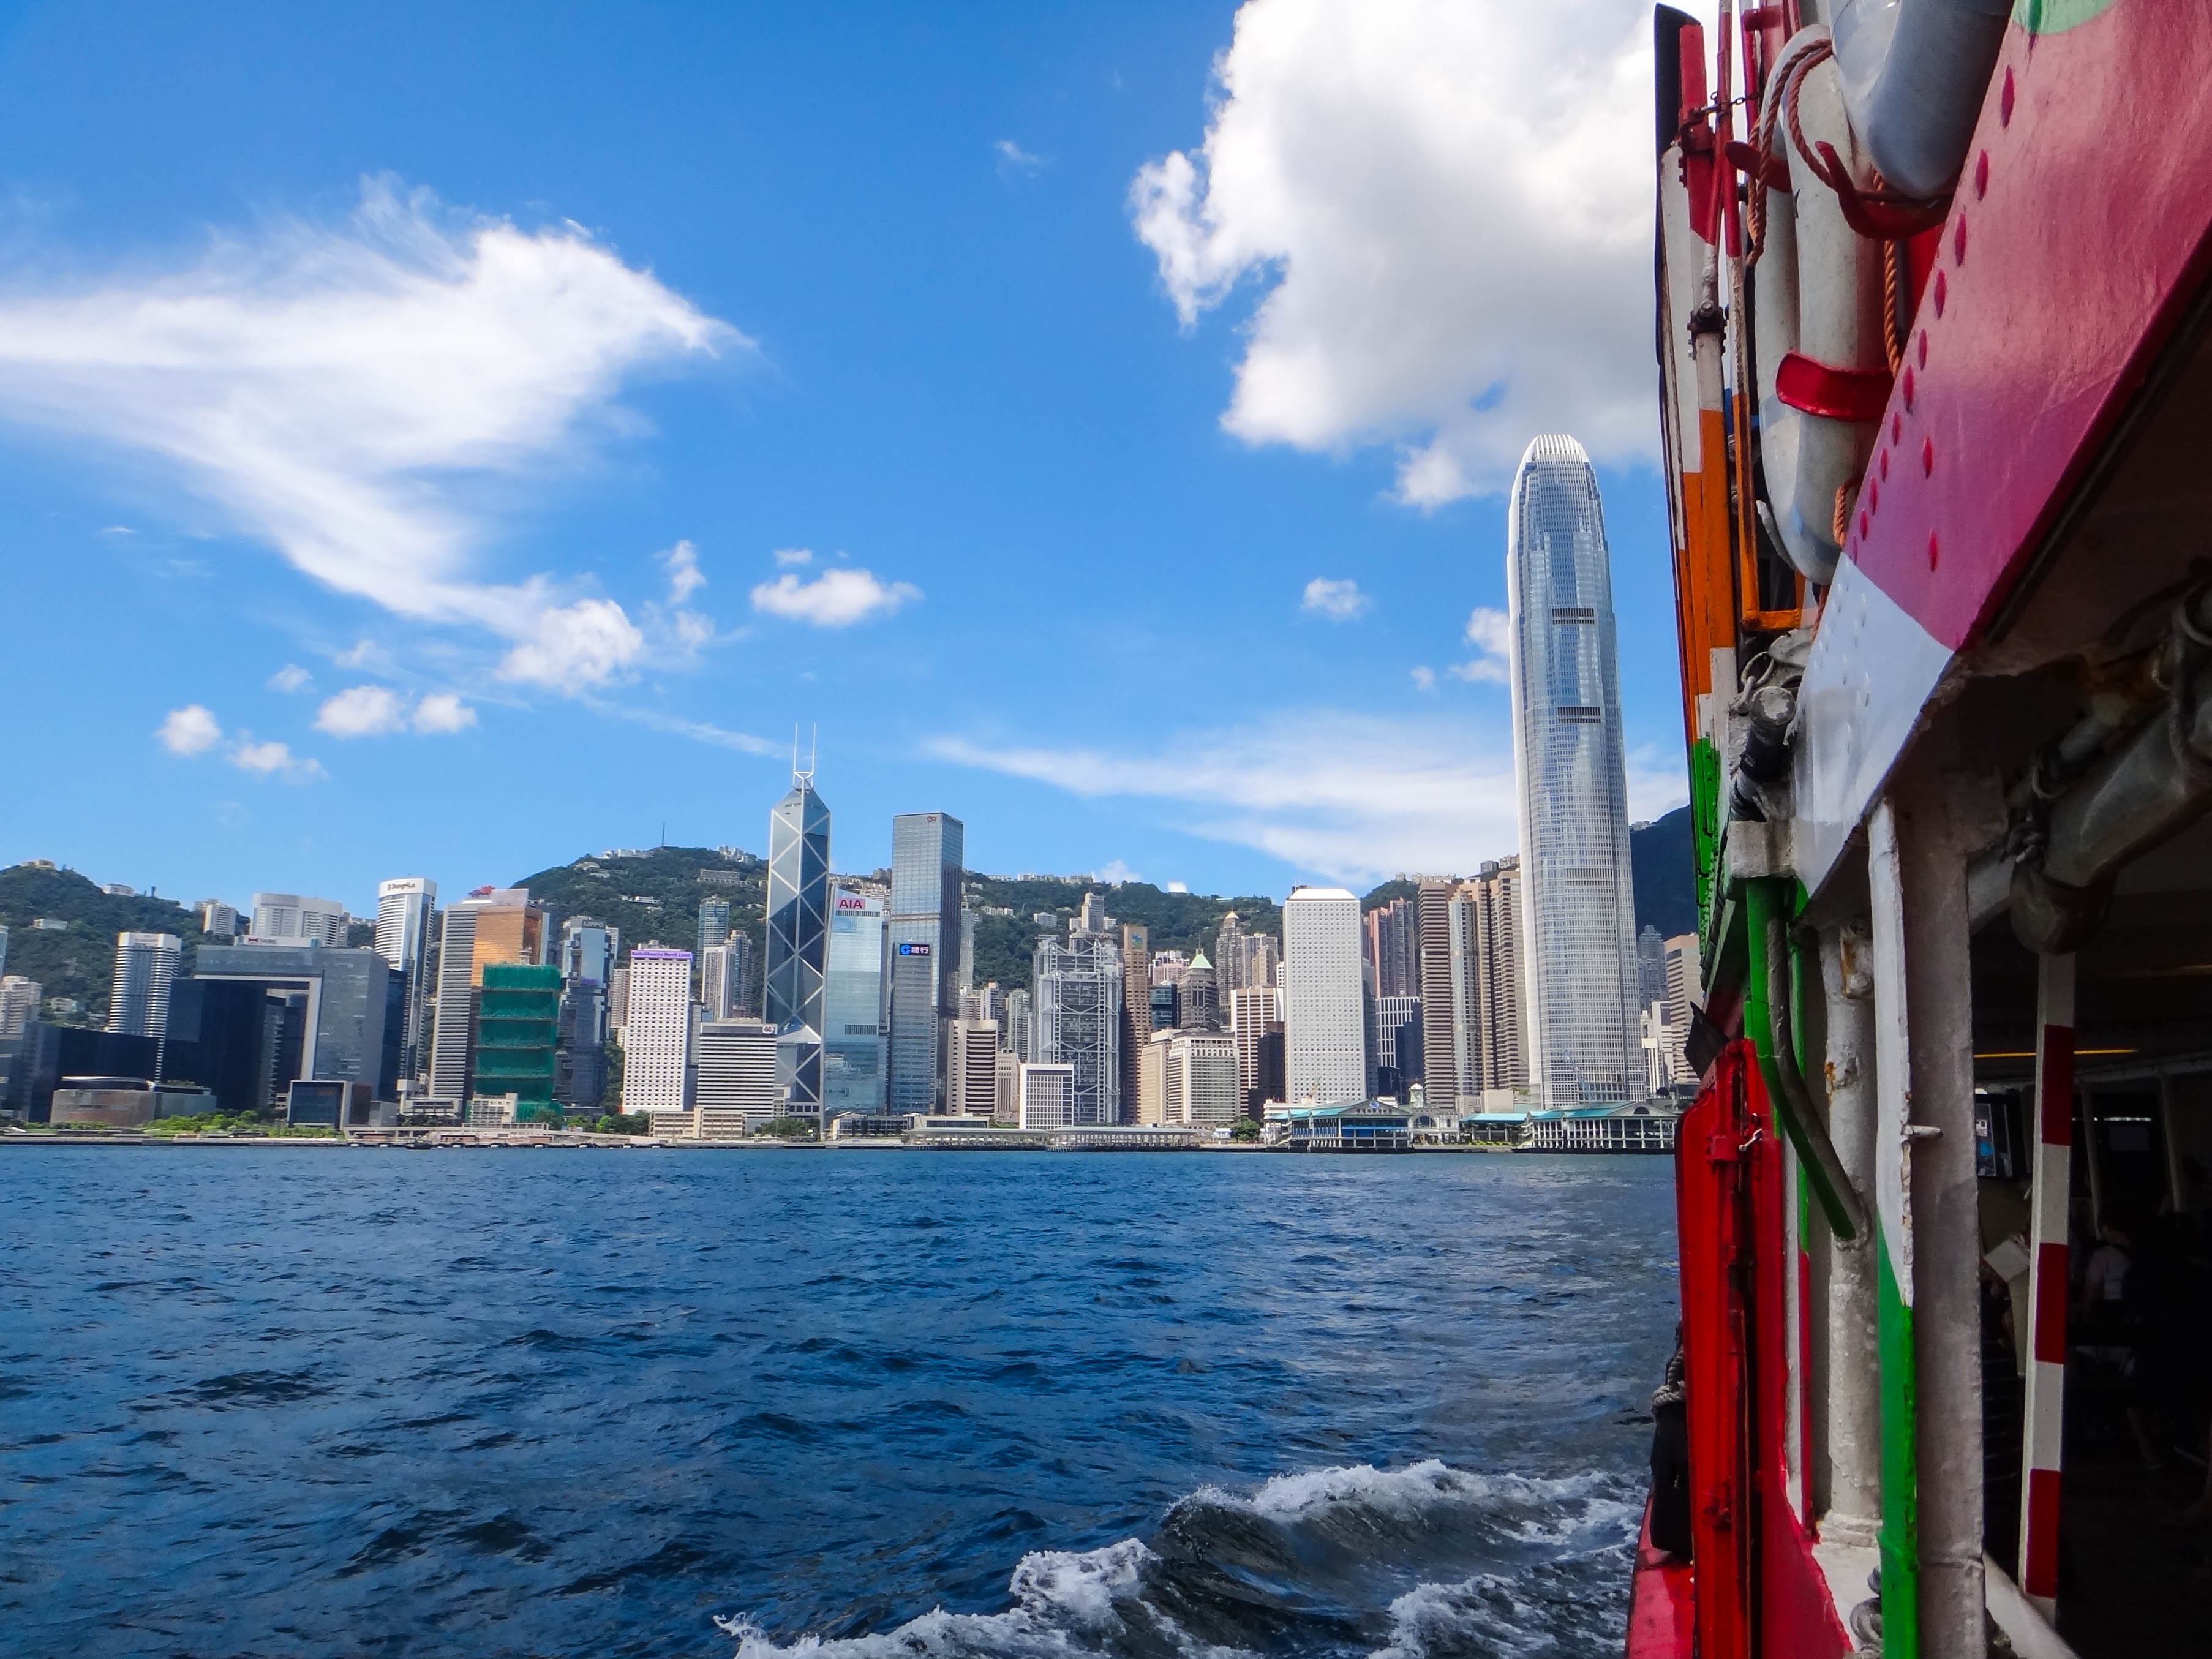 Hong Kong Harbour, HK